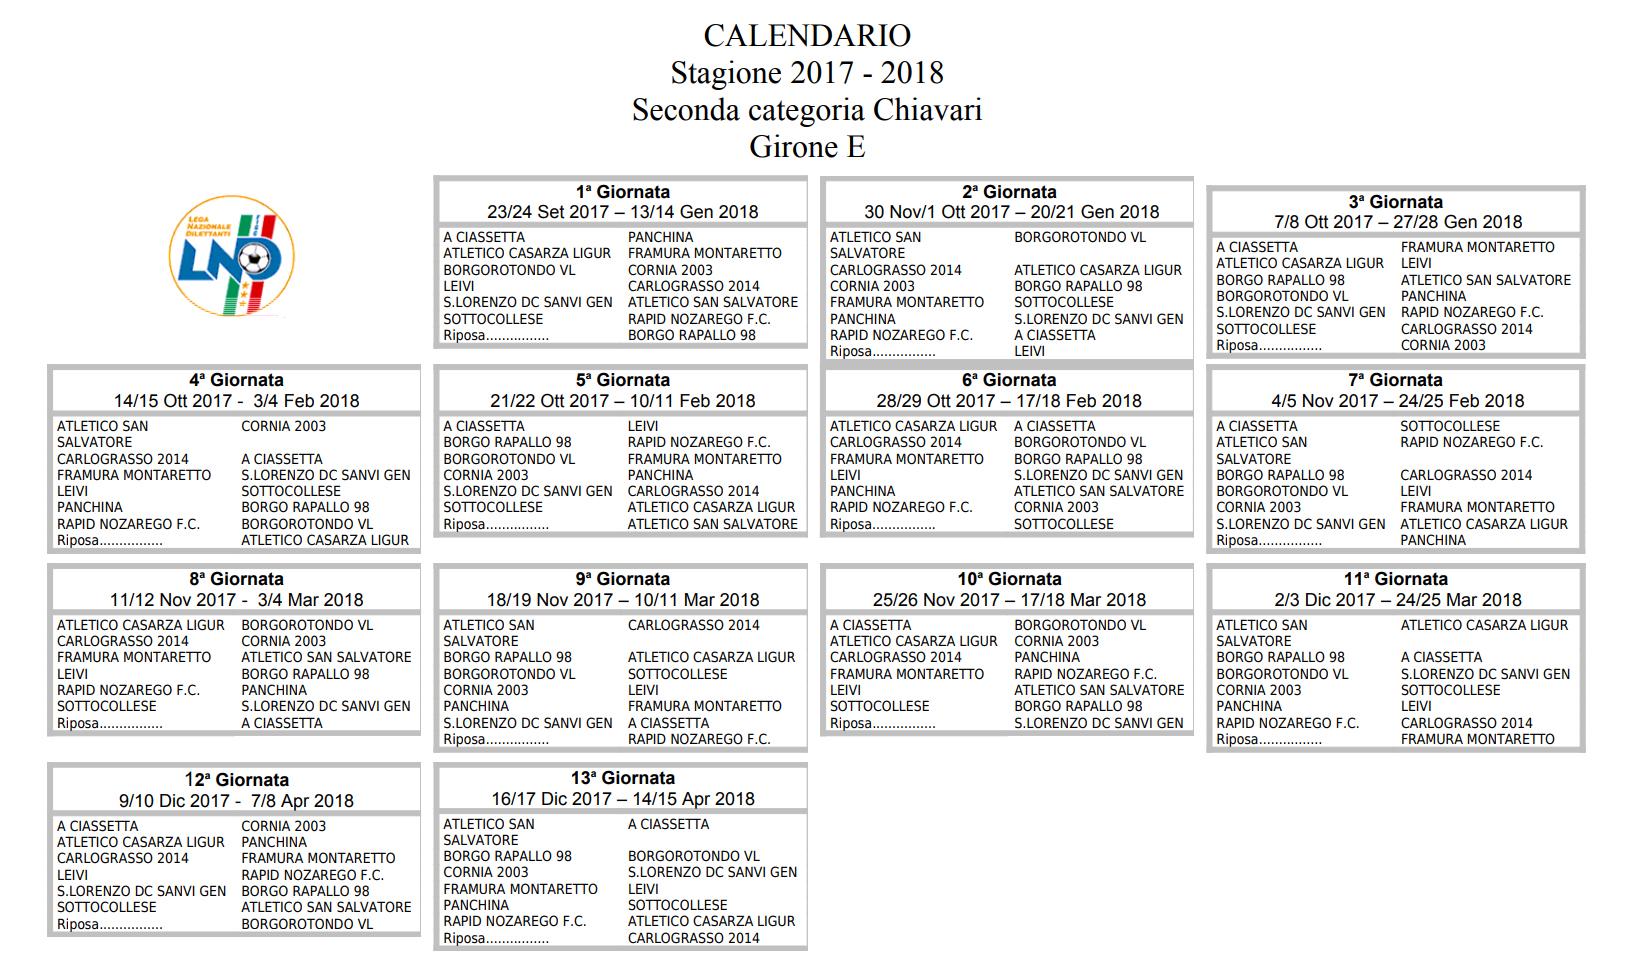 Calendario Terza Categoria.Calcio Locale Ecco Il Calendario Di Seconda Categoria Il